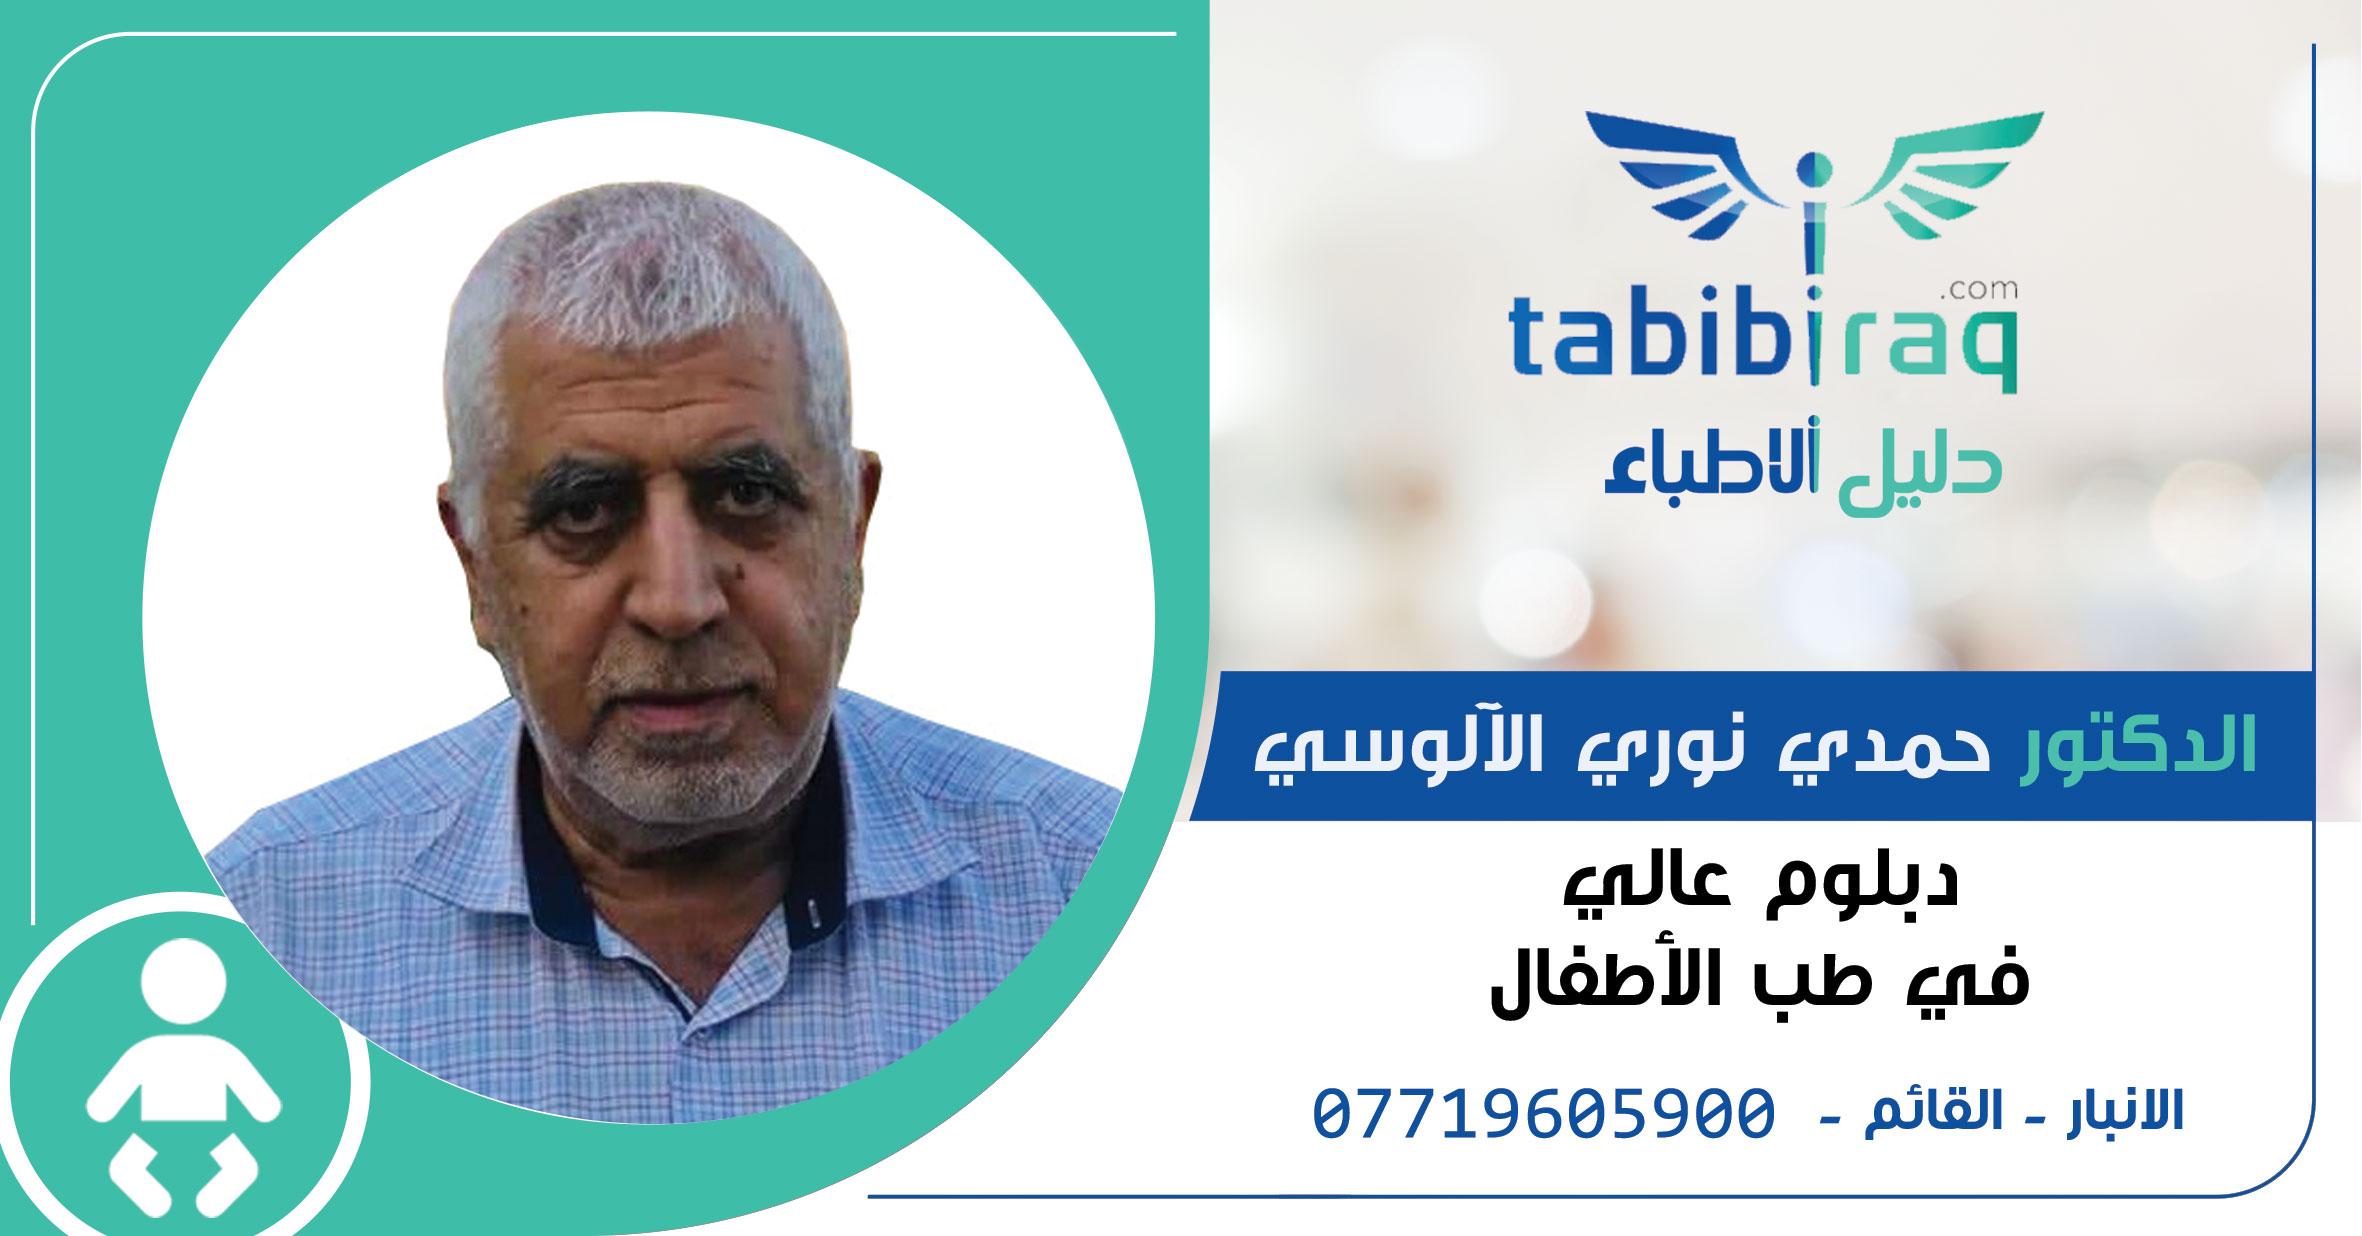 الدكتور حمدي نوري الآلوسي